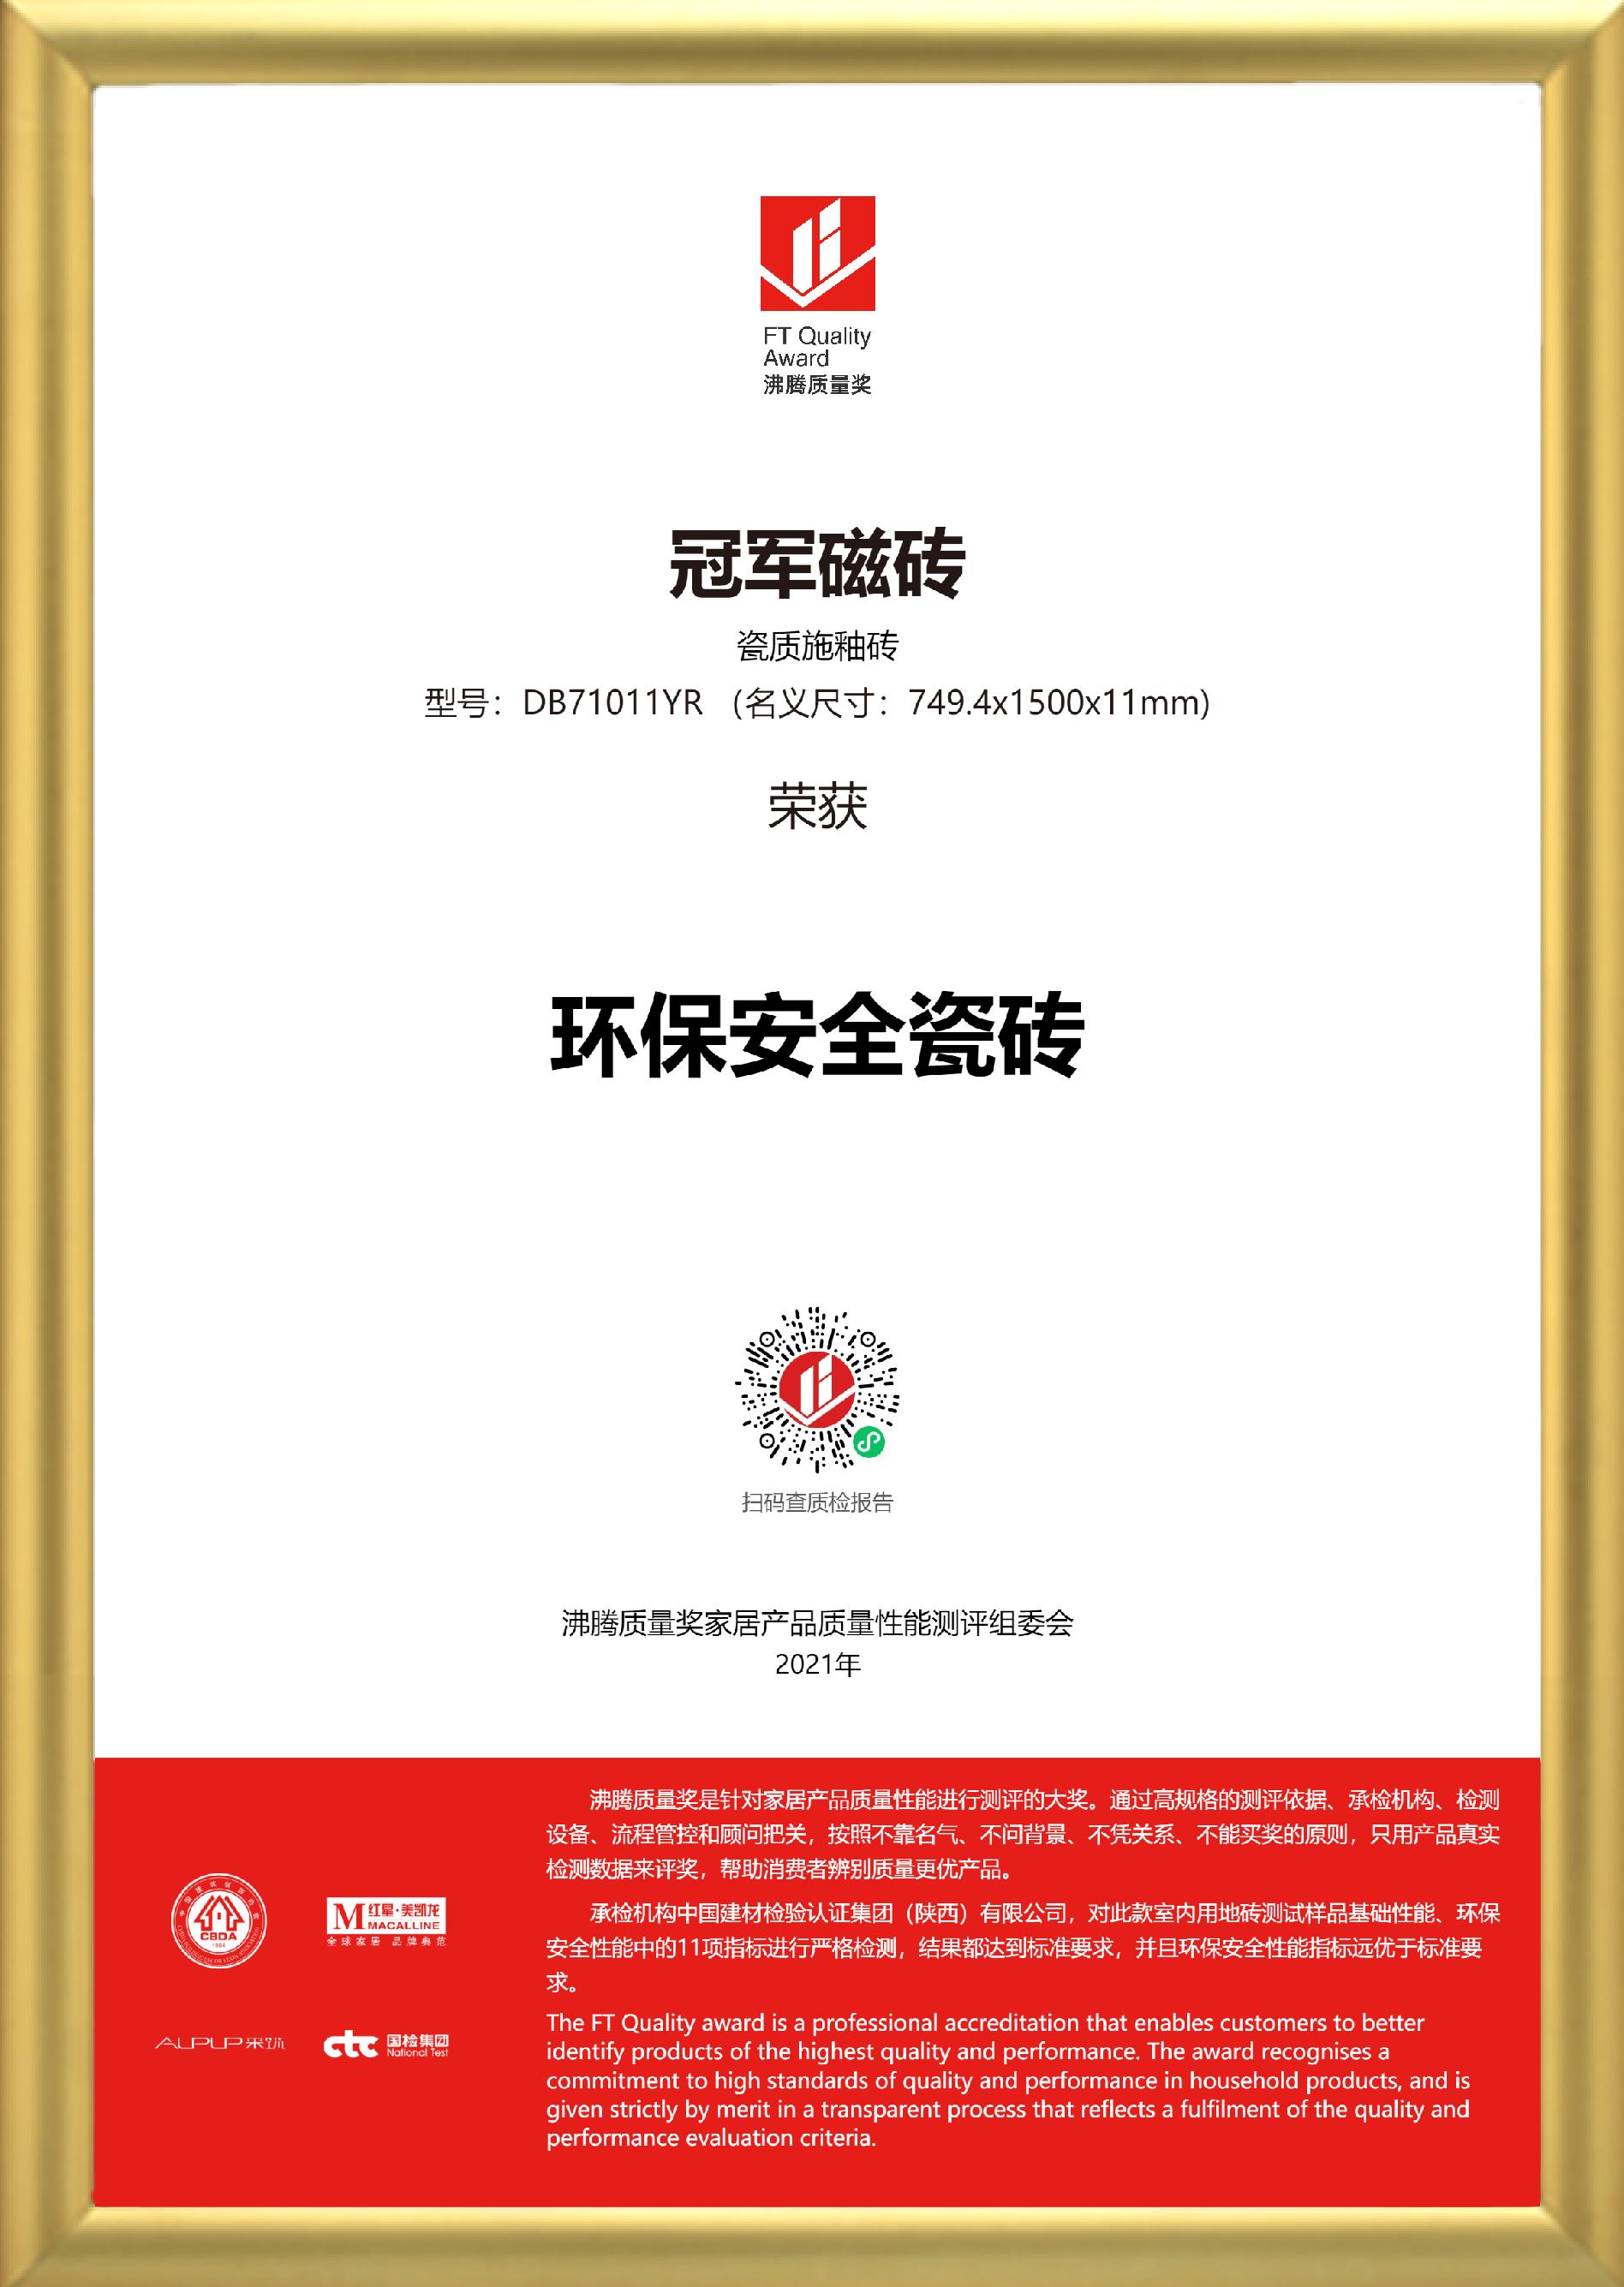 金框加持-获奖证书-冠军磁砖-室内用地砖-DB71011YR (名义尺寸:749.4x1500x11mm).png